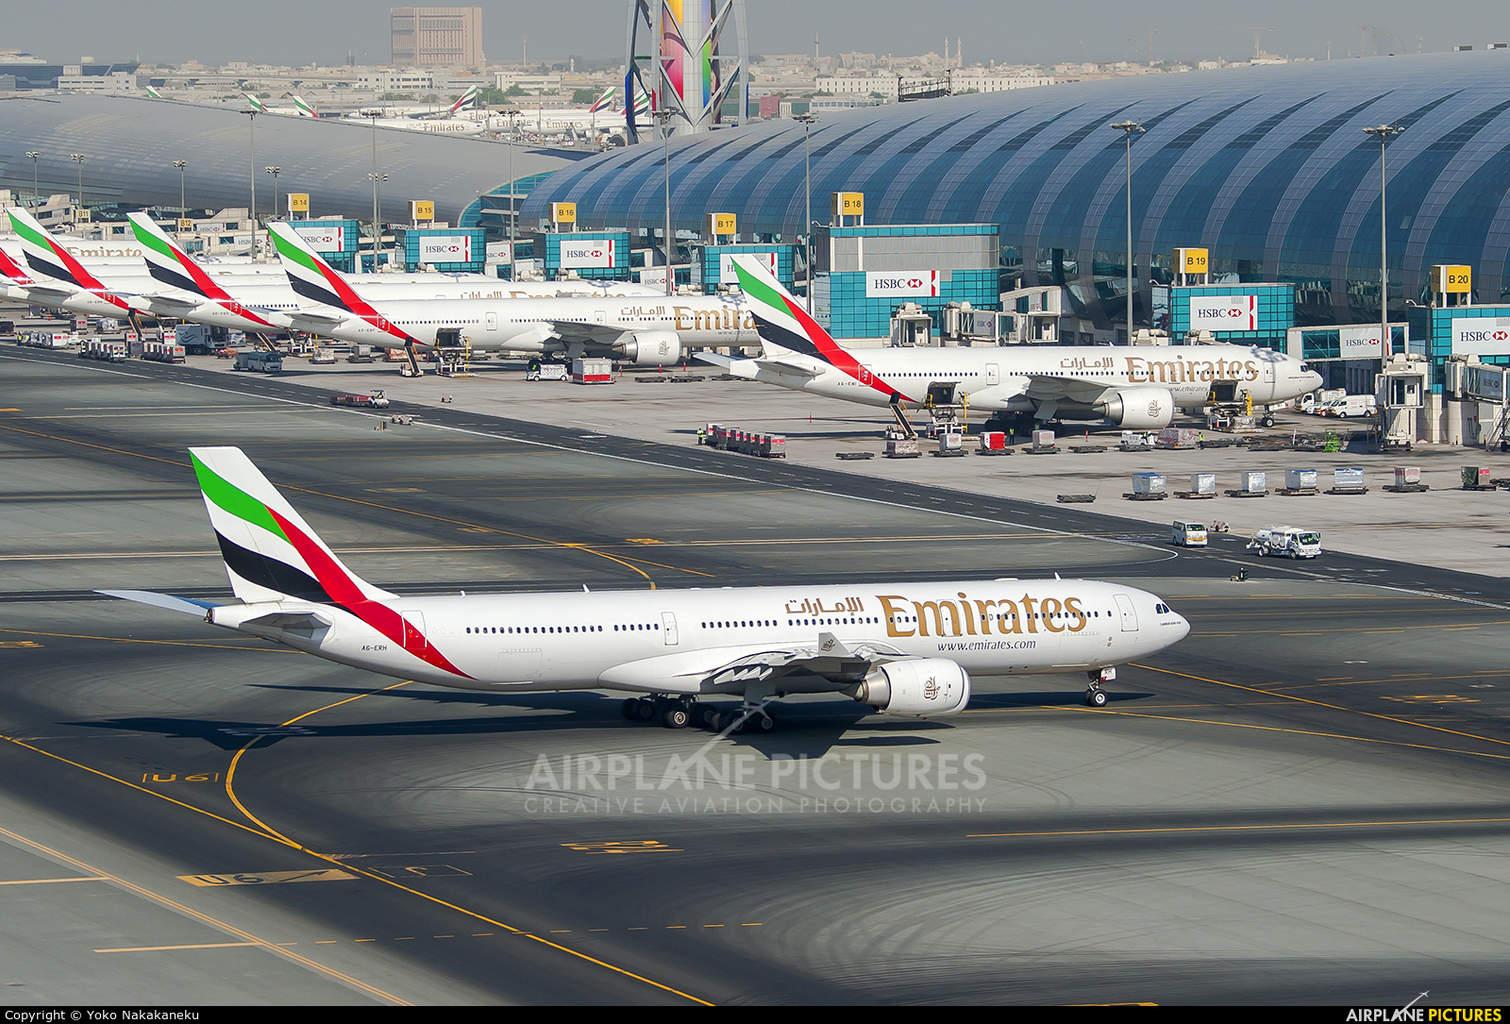 Emirates considering adding Premium Economy